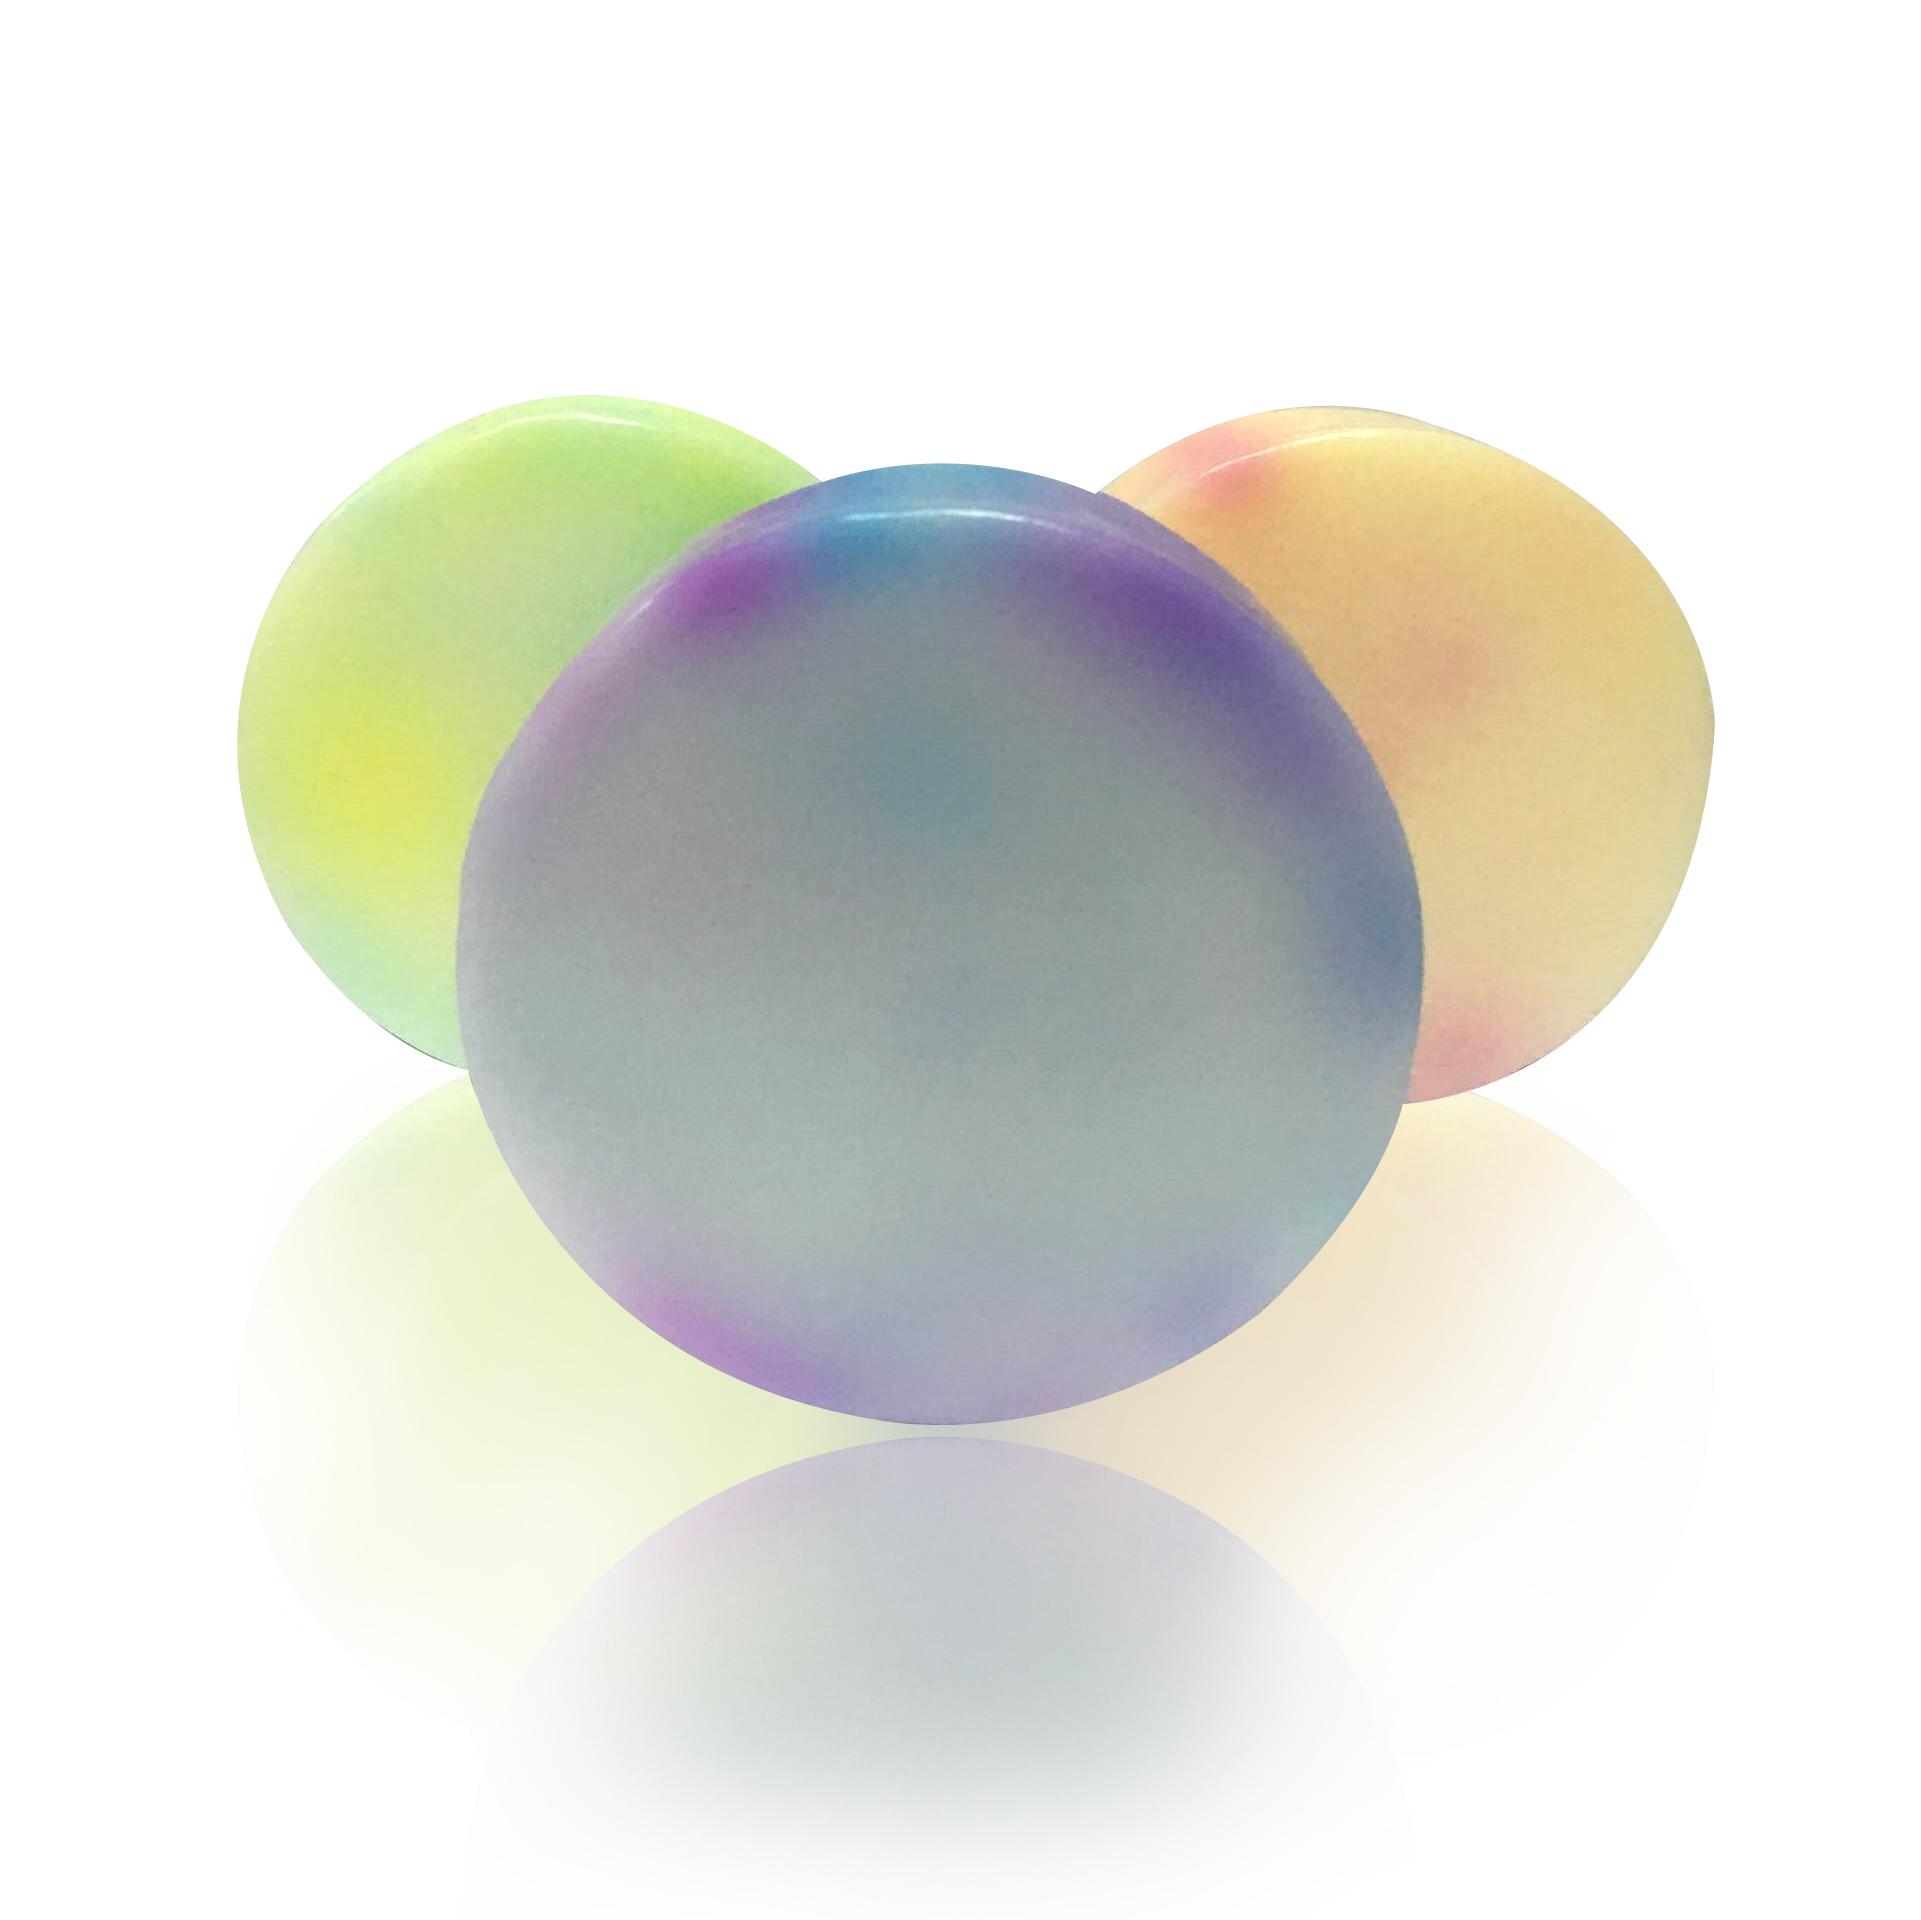 渲染彩虹皂